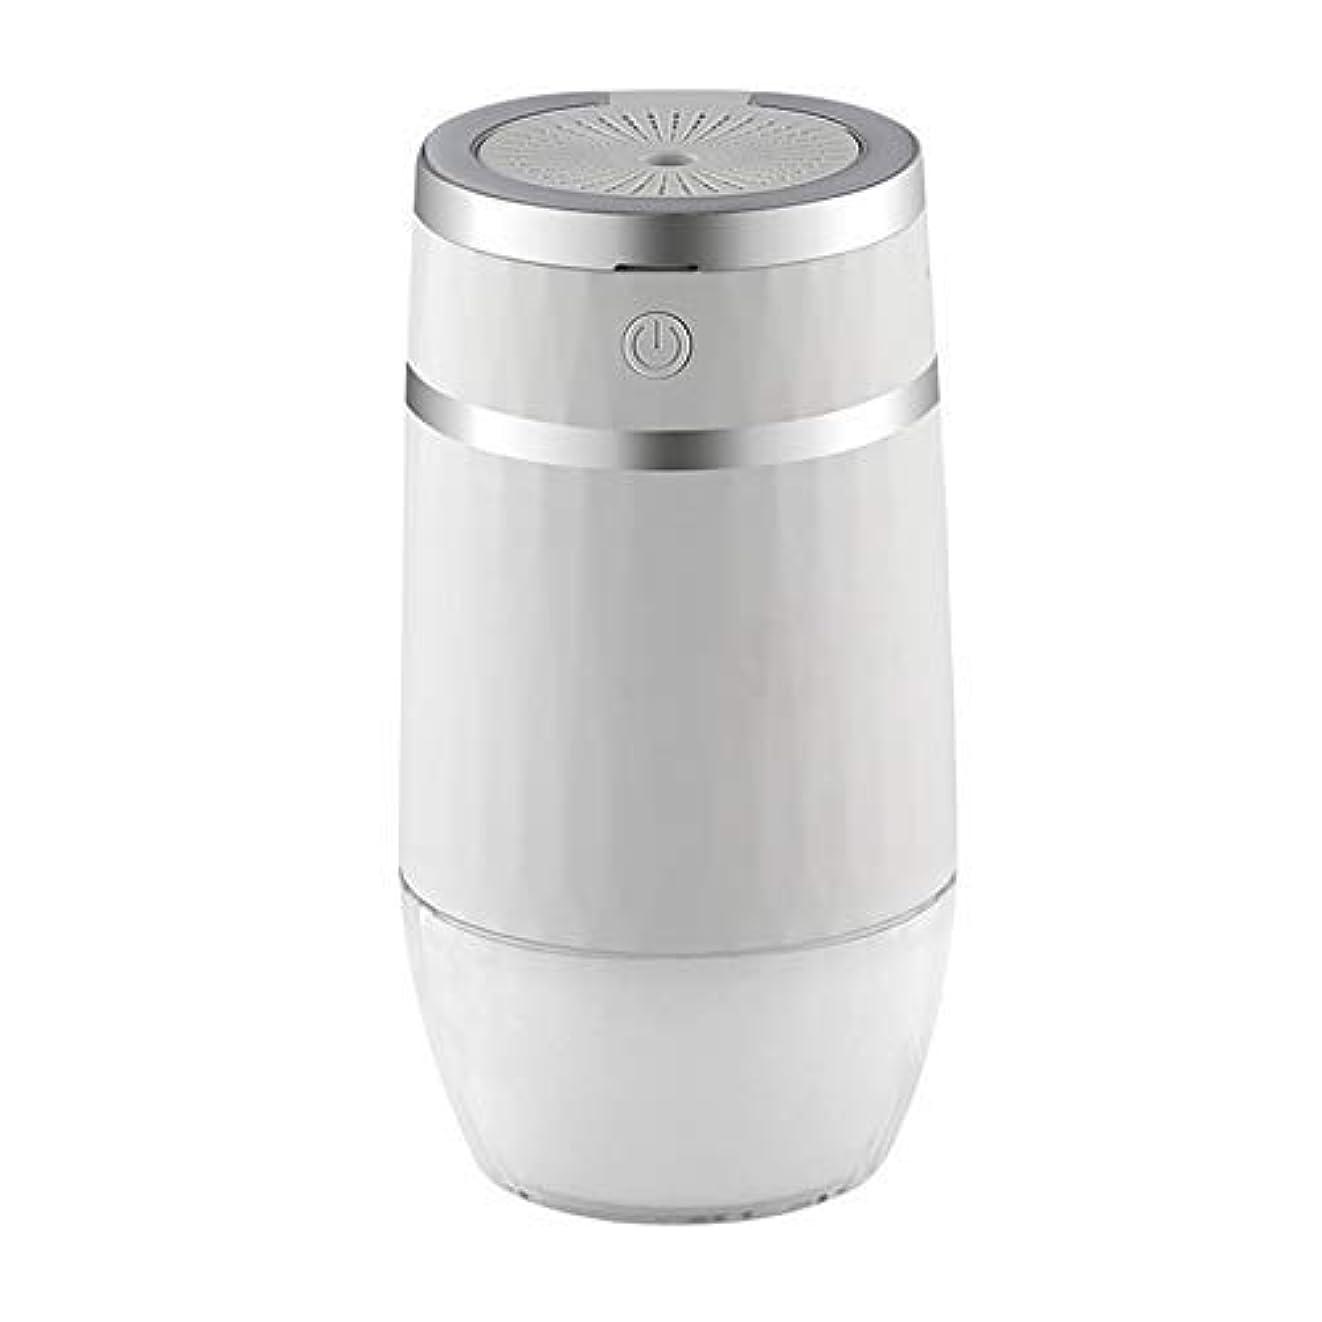 国籍コンパイルオーバーランZT-TTHG ホームオフィスの車ホワイト用LEDナイトランプファンのアロマエッセンシャルオイルディフューザーUSB噴霧器ミストメーカーで300MLエア加湿器